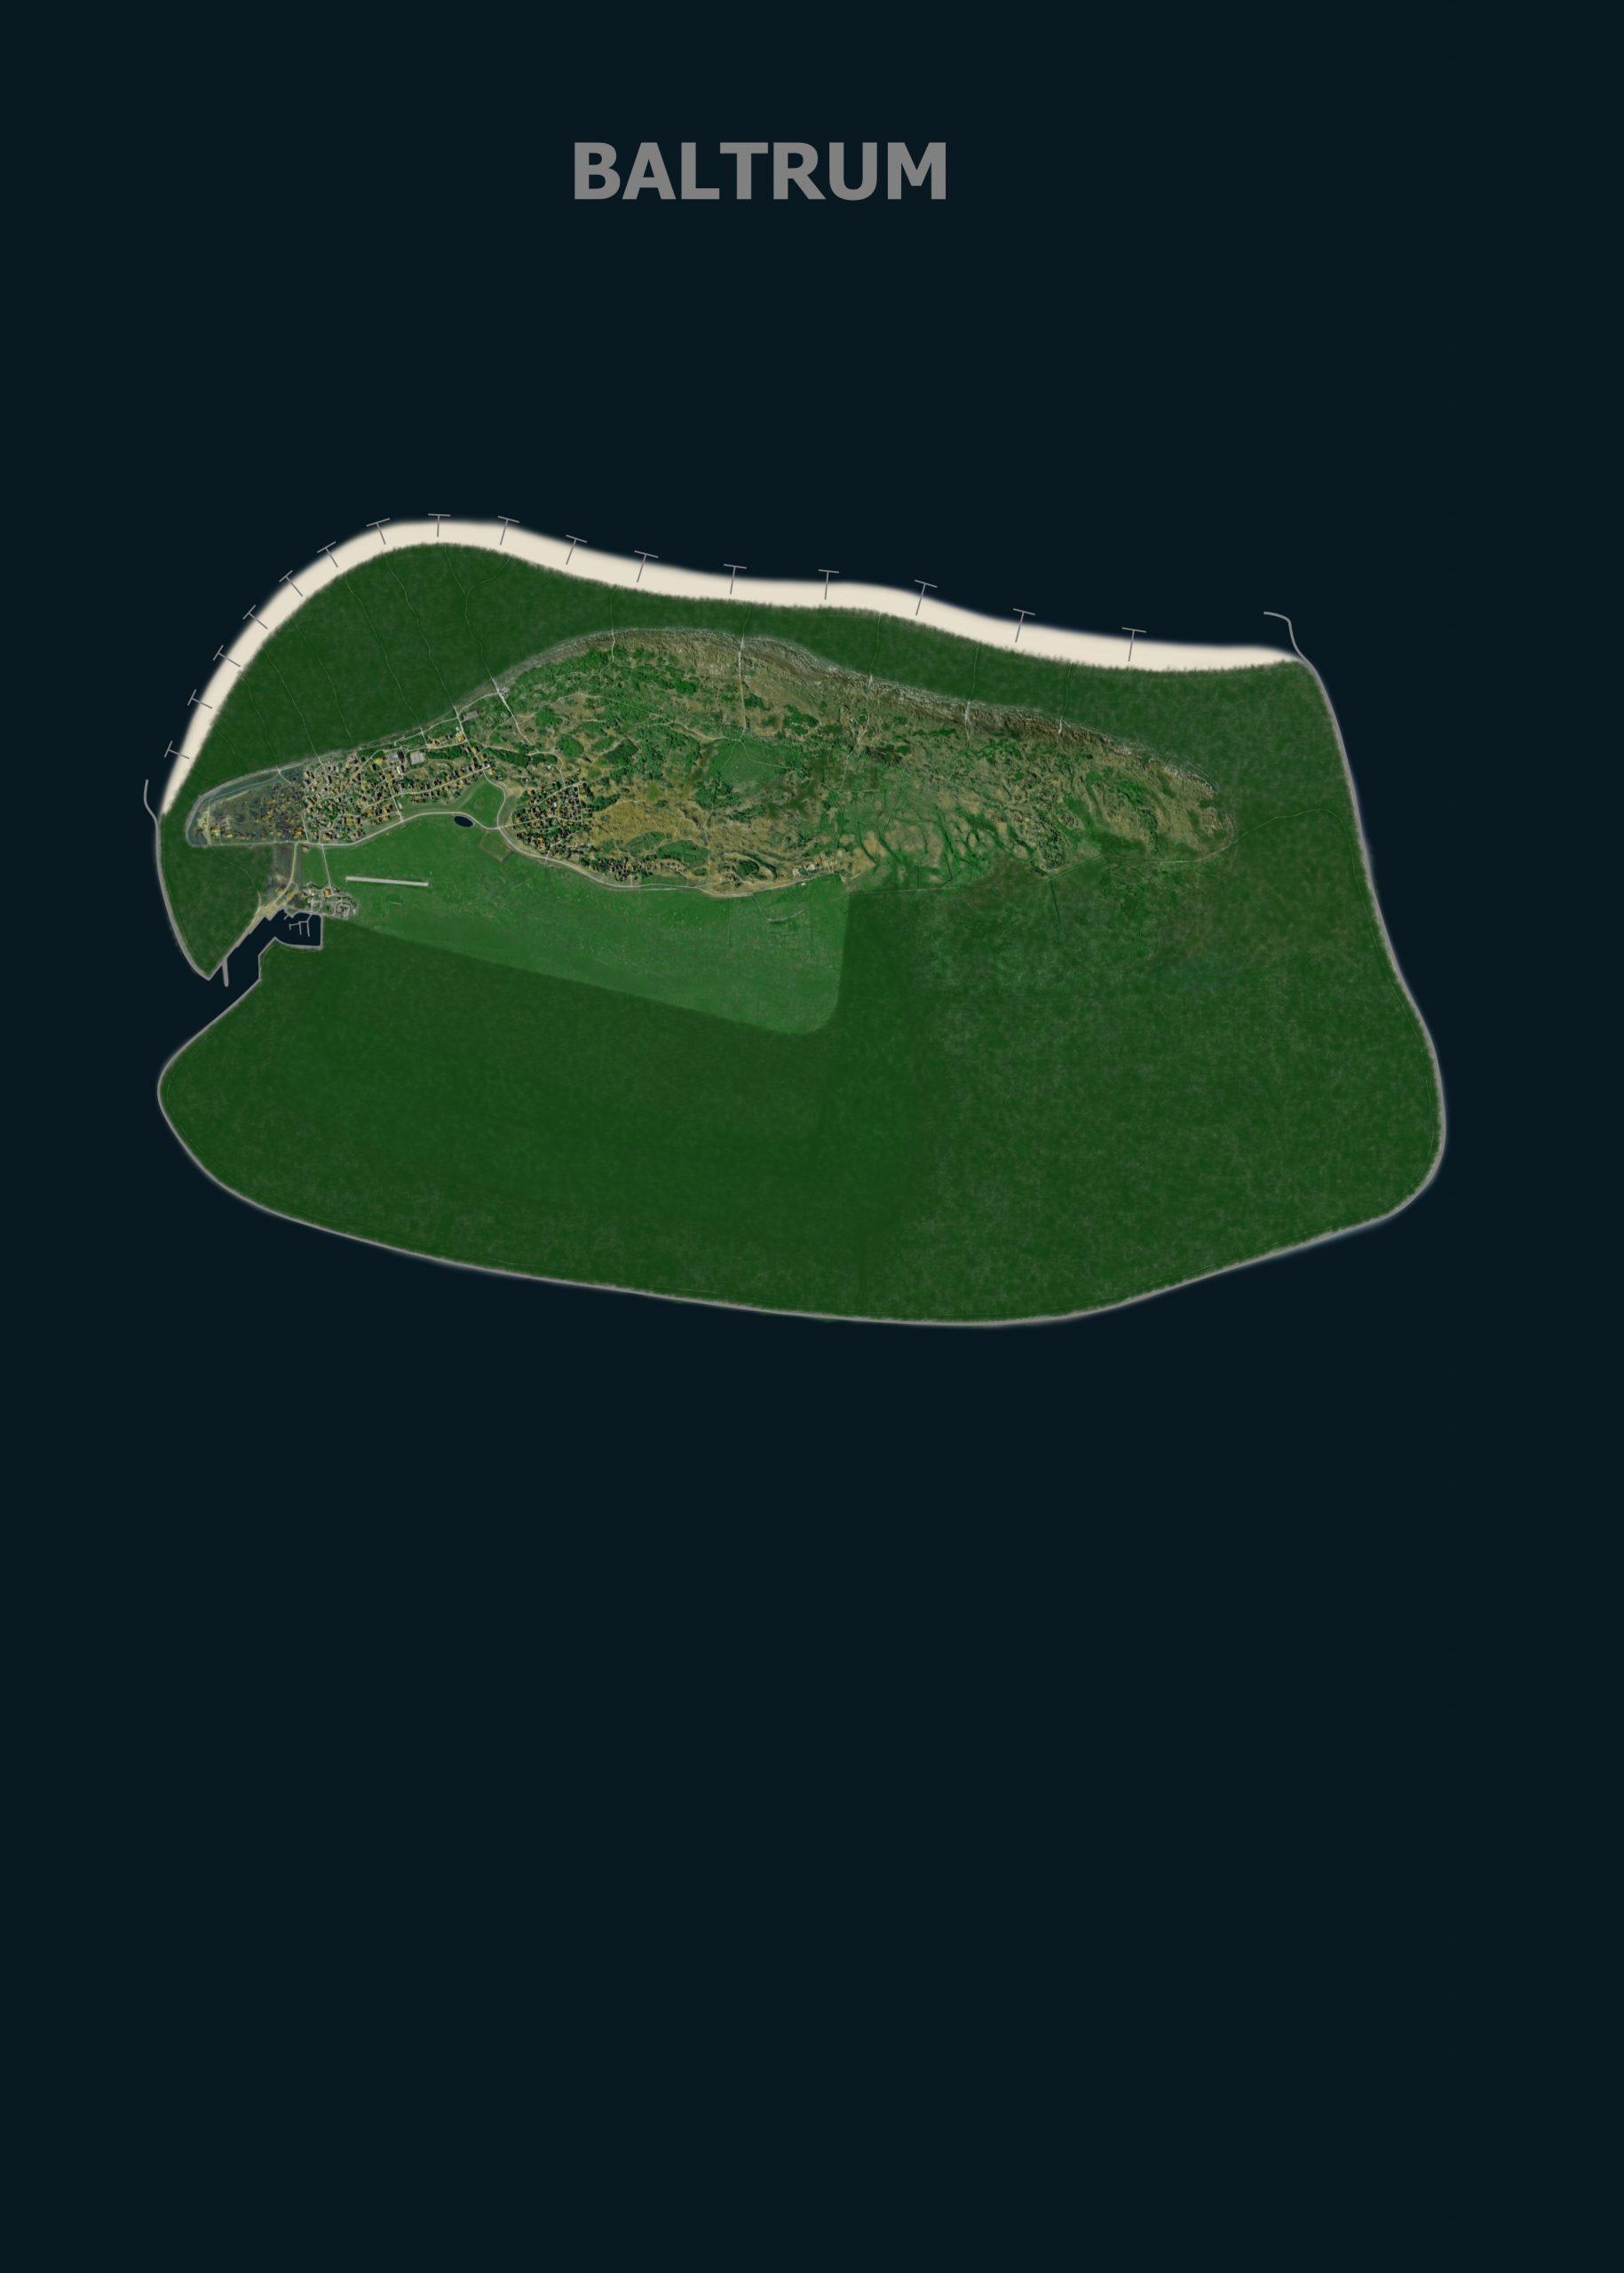 Baltrum, landgewinnung, küstenschutz, insel, eindeichung, naturschutz, sturmflut, vergrößerung